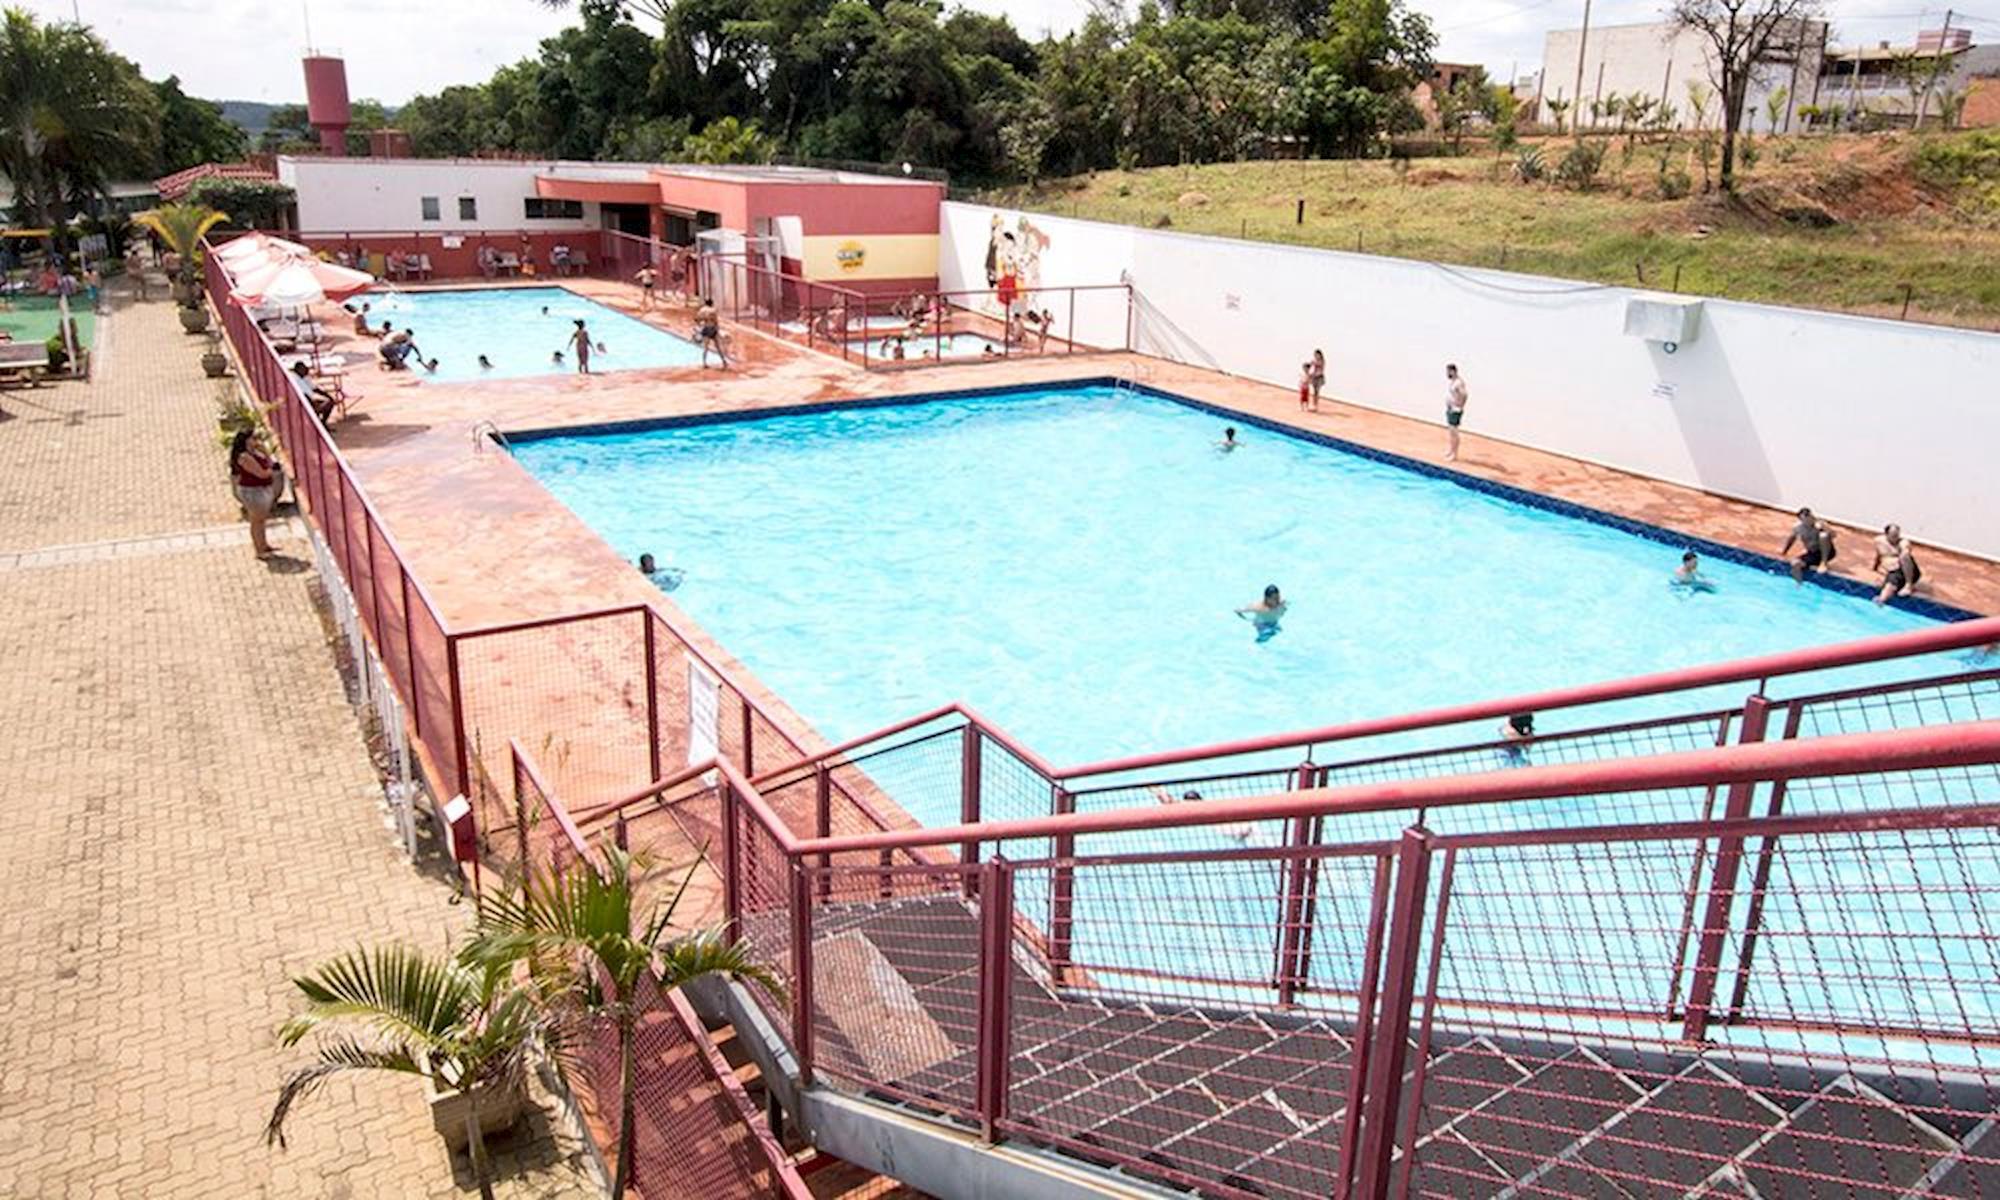 piscinas, clube, exames, médico, crianças, carnaval, feriado, Foguinho/ Imprensa SMetal